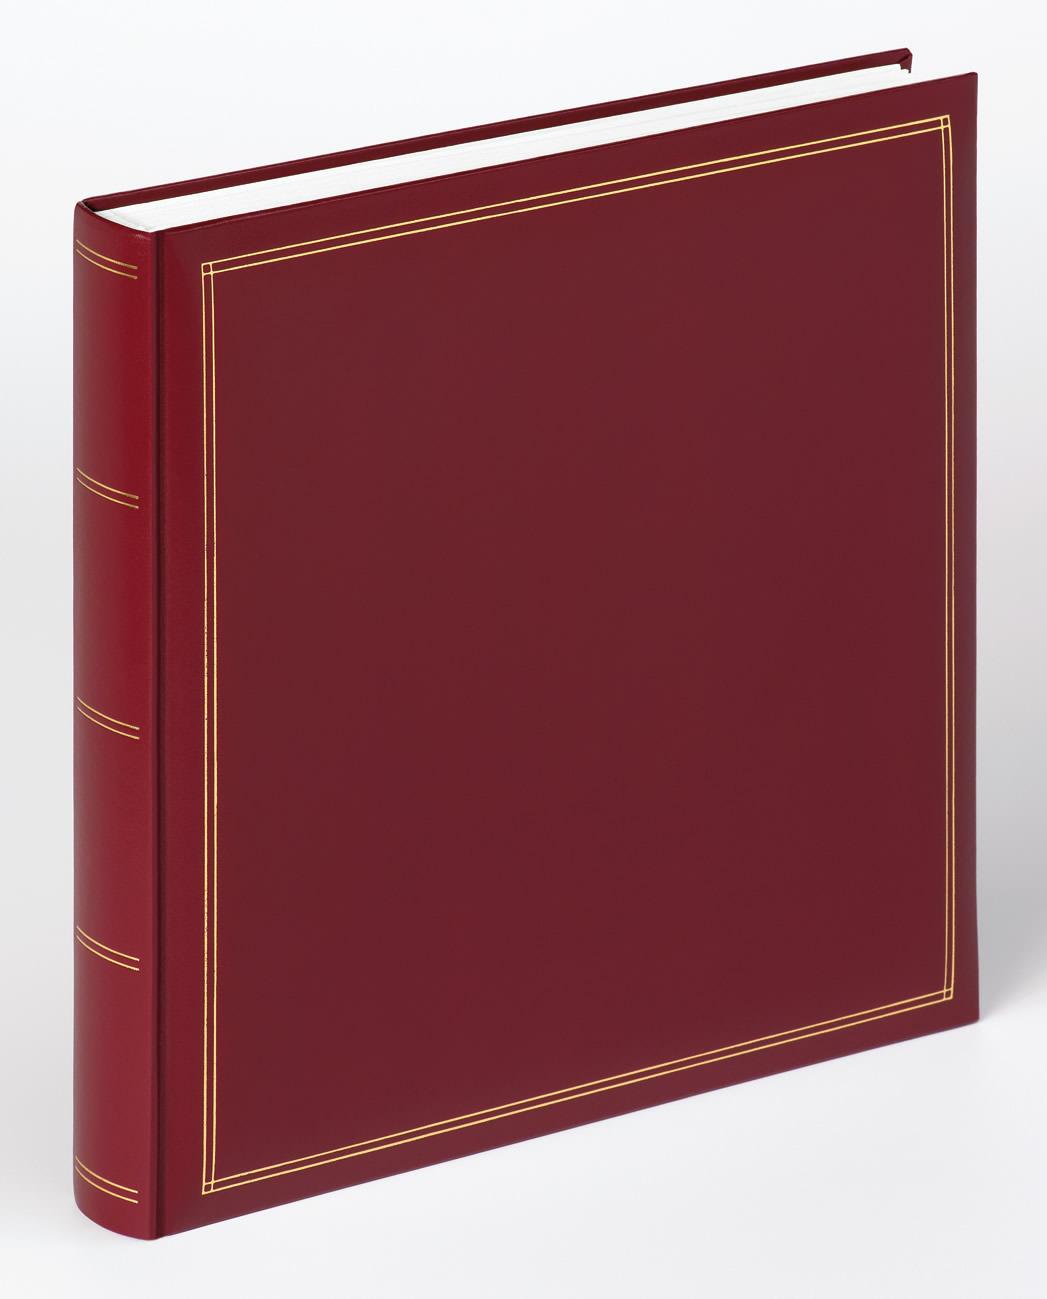 classicalbum monza rot 34x33 cm klassische fotoalben fotoalben bilderrahmen. Black Bedroom Furniture Sets. Home Design Ideas